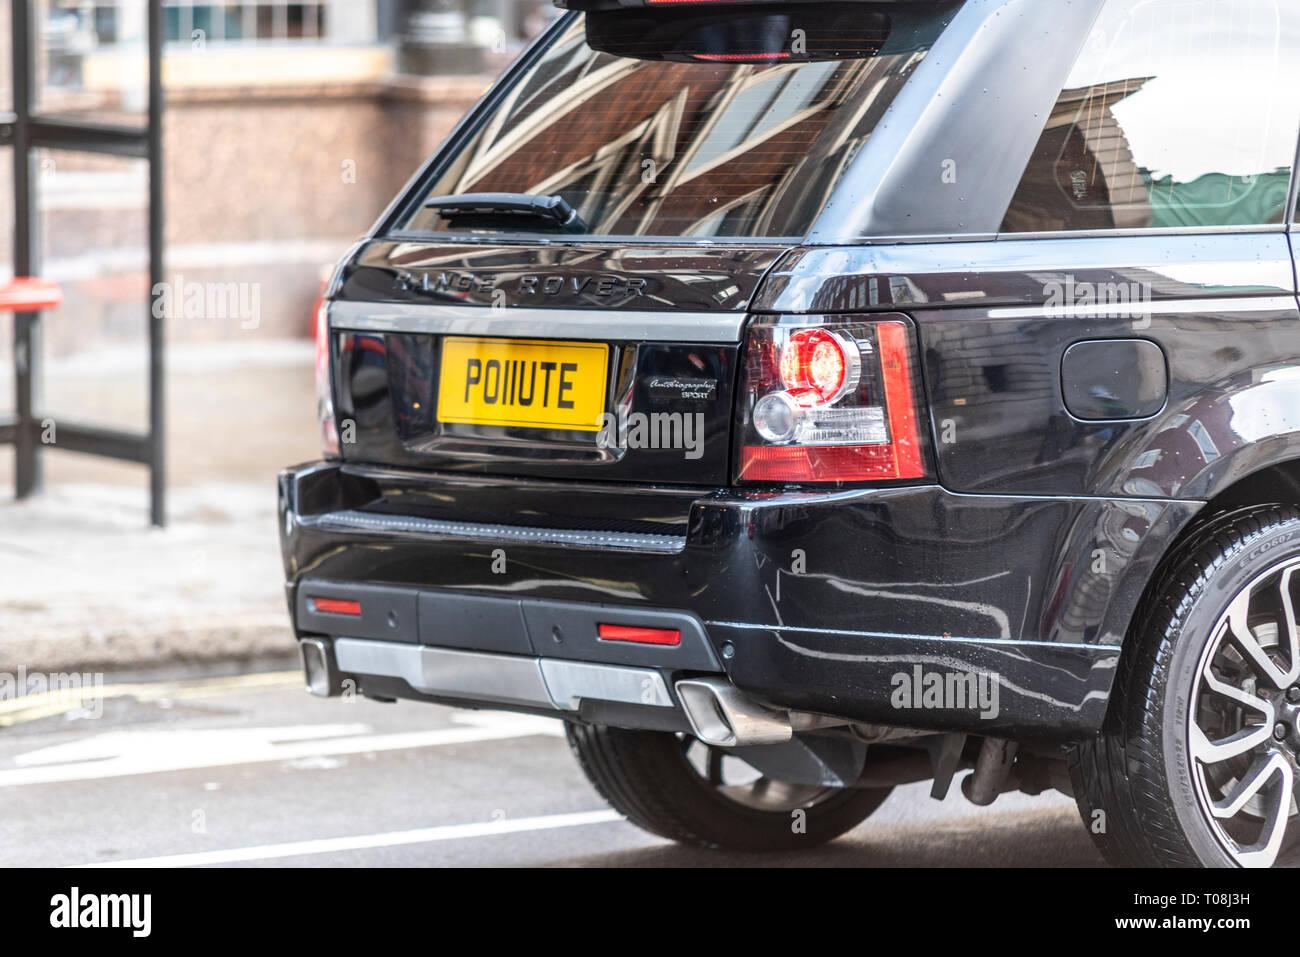 Verschmutzen, ein Range Rover Auto mit dem Kennzeichen PO 11 UTE Abstand um zu schauen, wie das Wort verschmutzen. London Verschmutzung durch Verkehr Stockbild